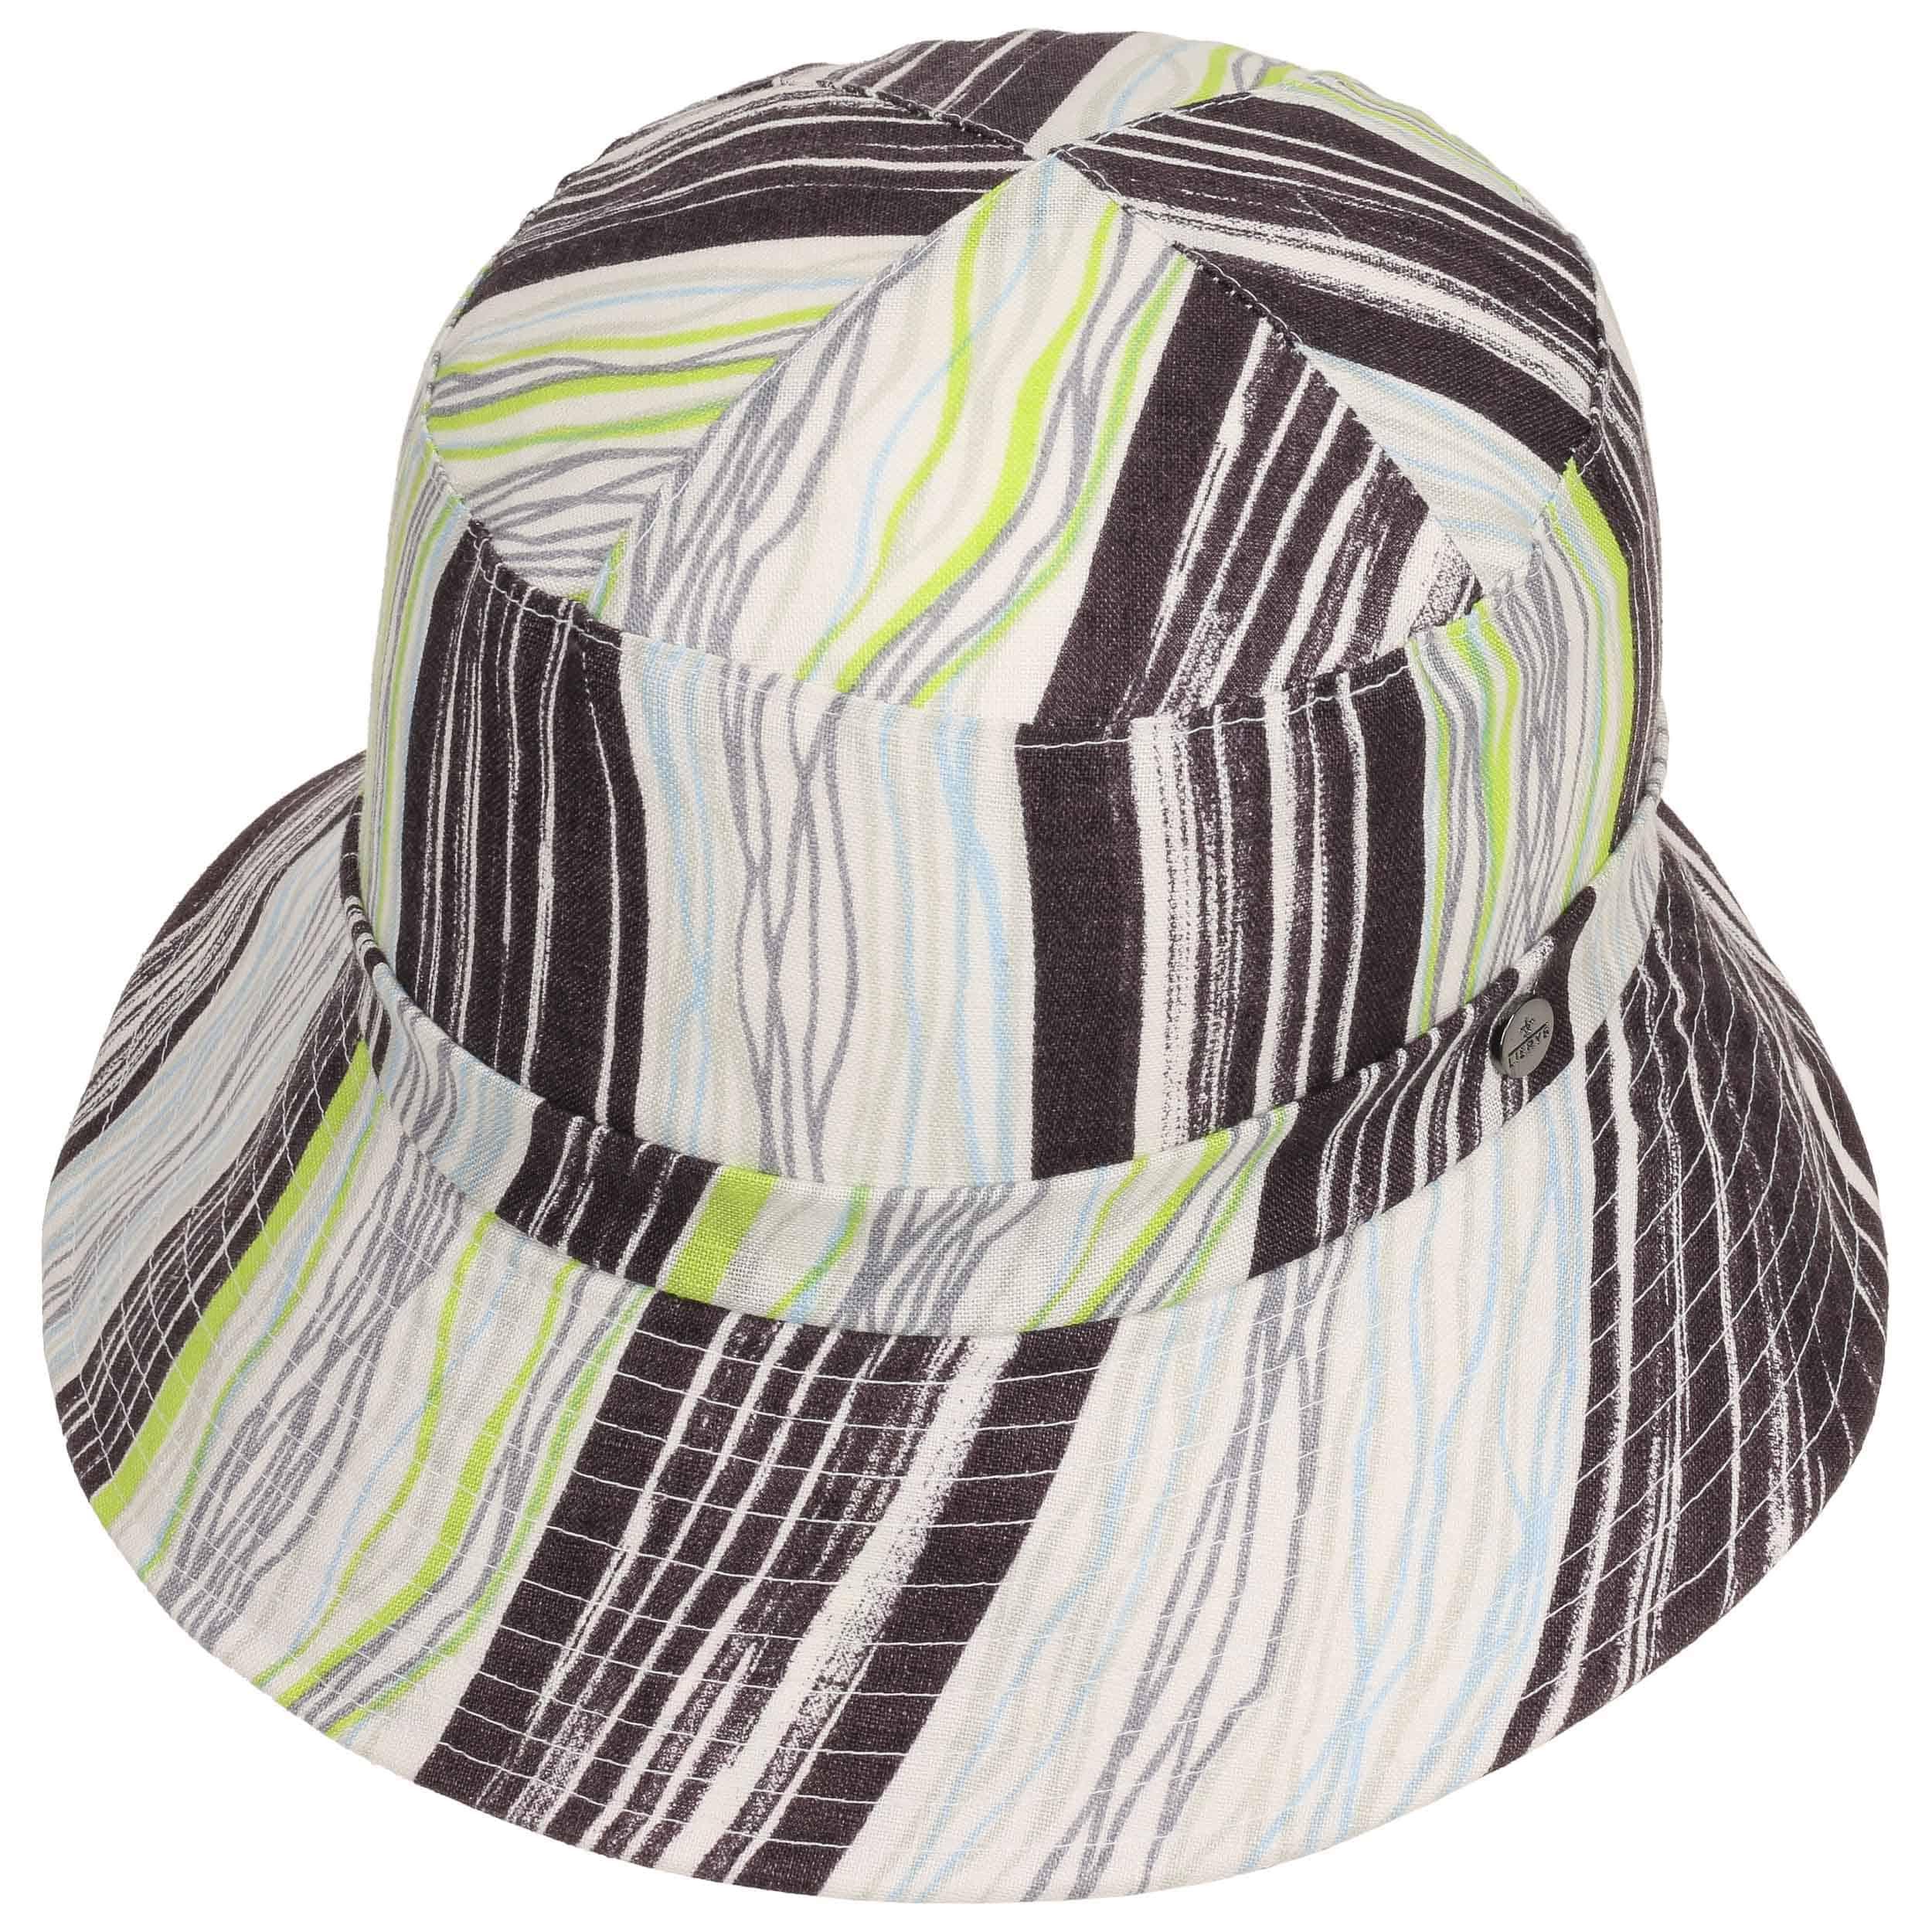 Julika Floppy Hat by Lierys Sun hats Lierys J8q5Y00s